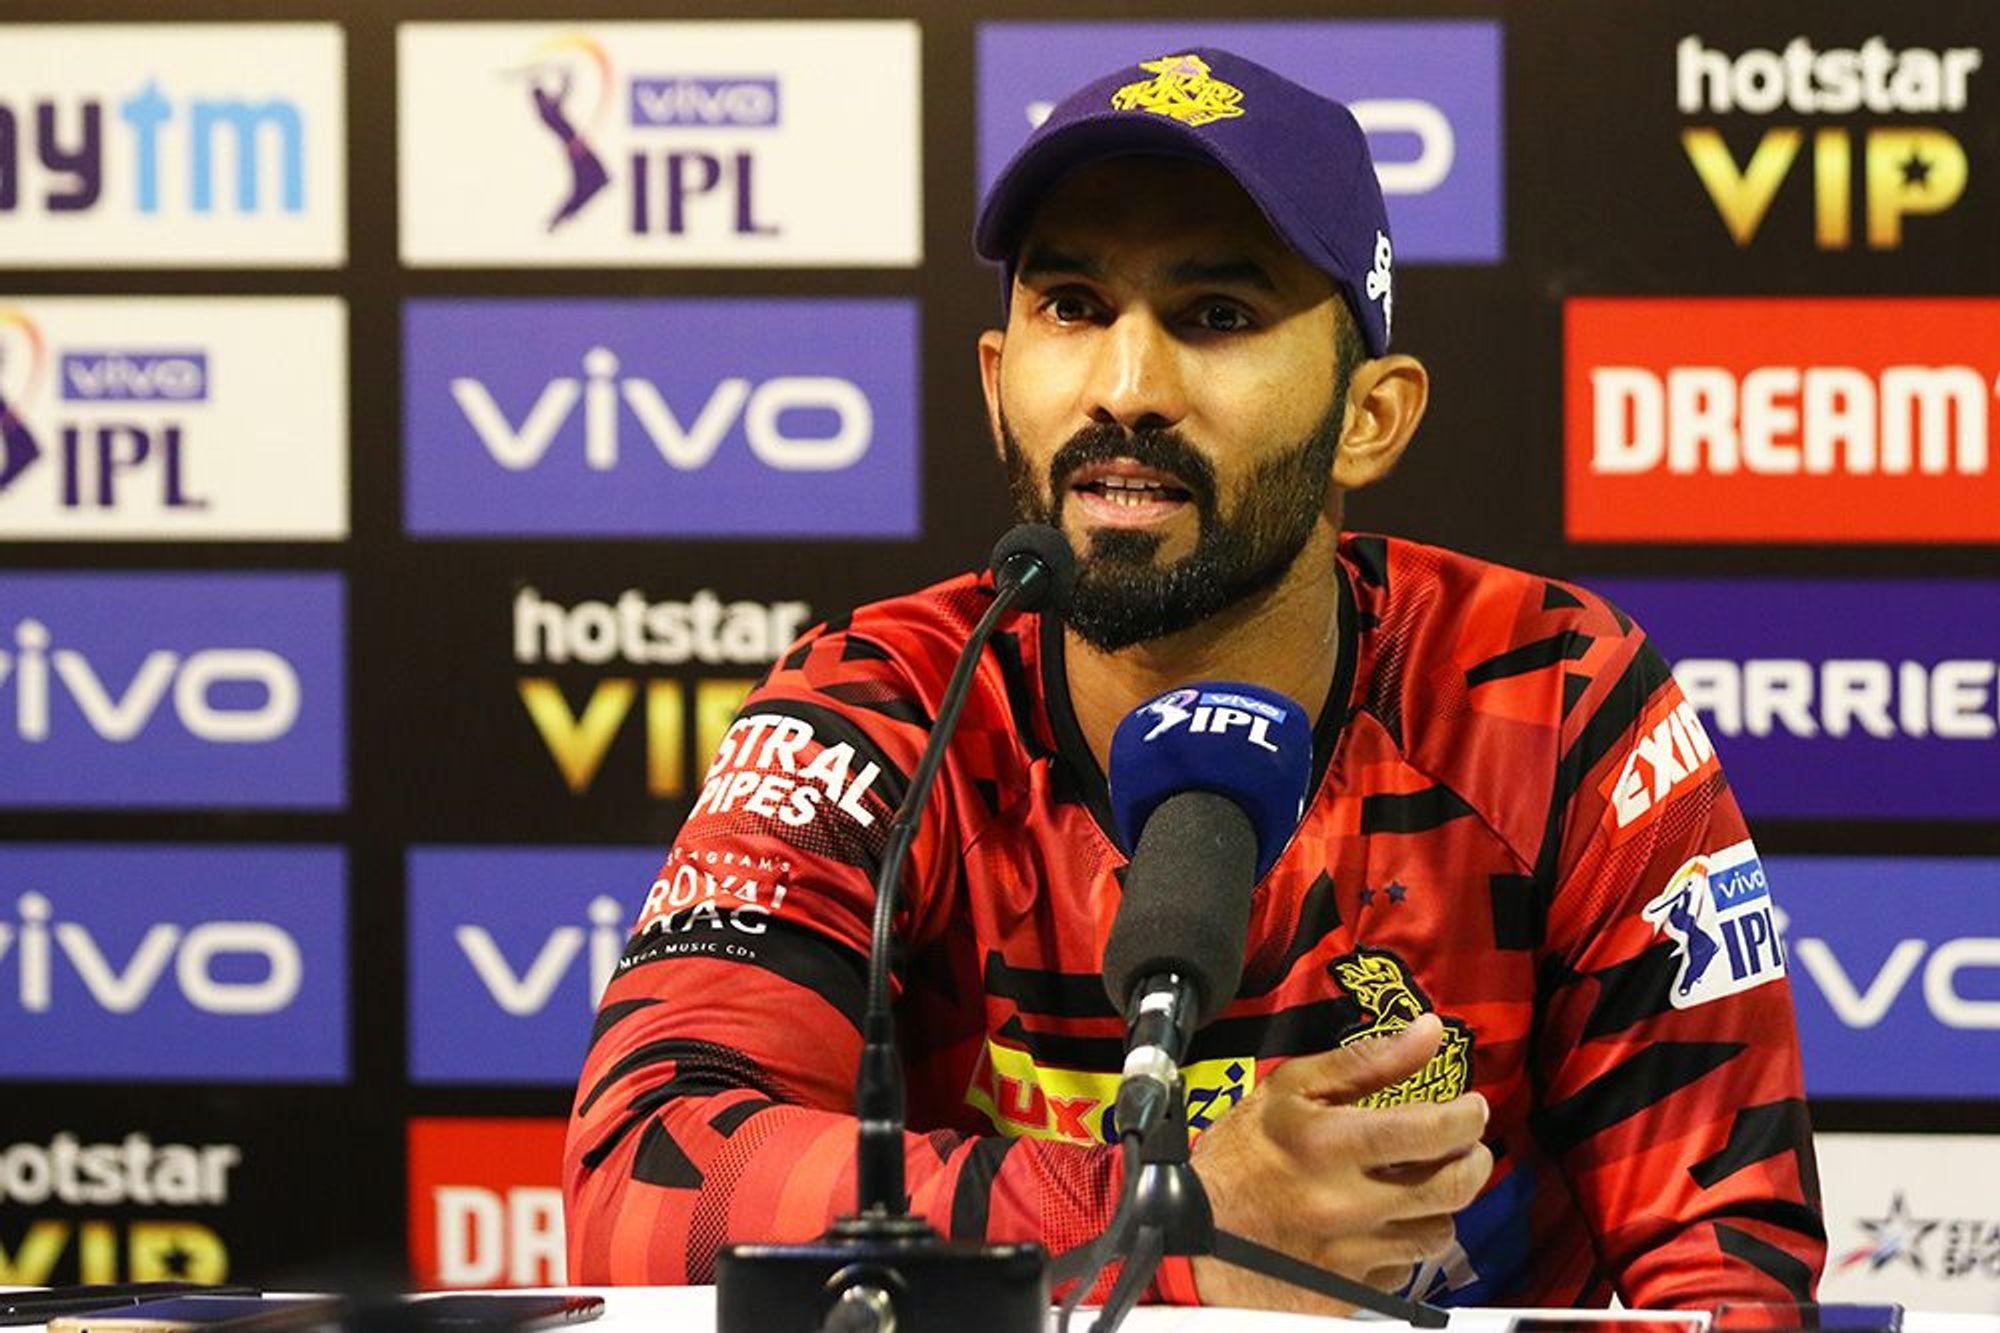 DCvsKKR : दिनेश कार्तिक ने बताई वो वजह, जिसकी वजह से उनकी टीम को सुपर ओवर में मिली हार 60